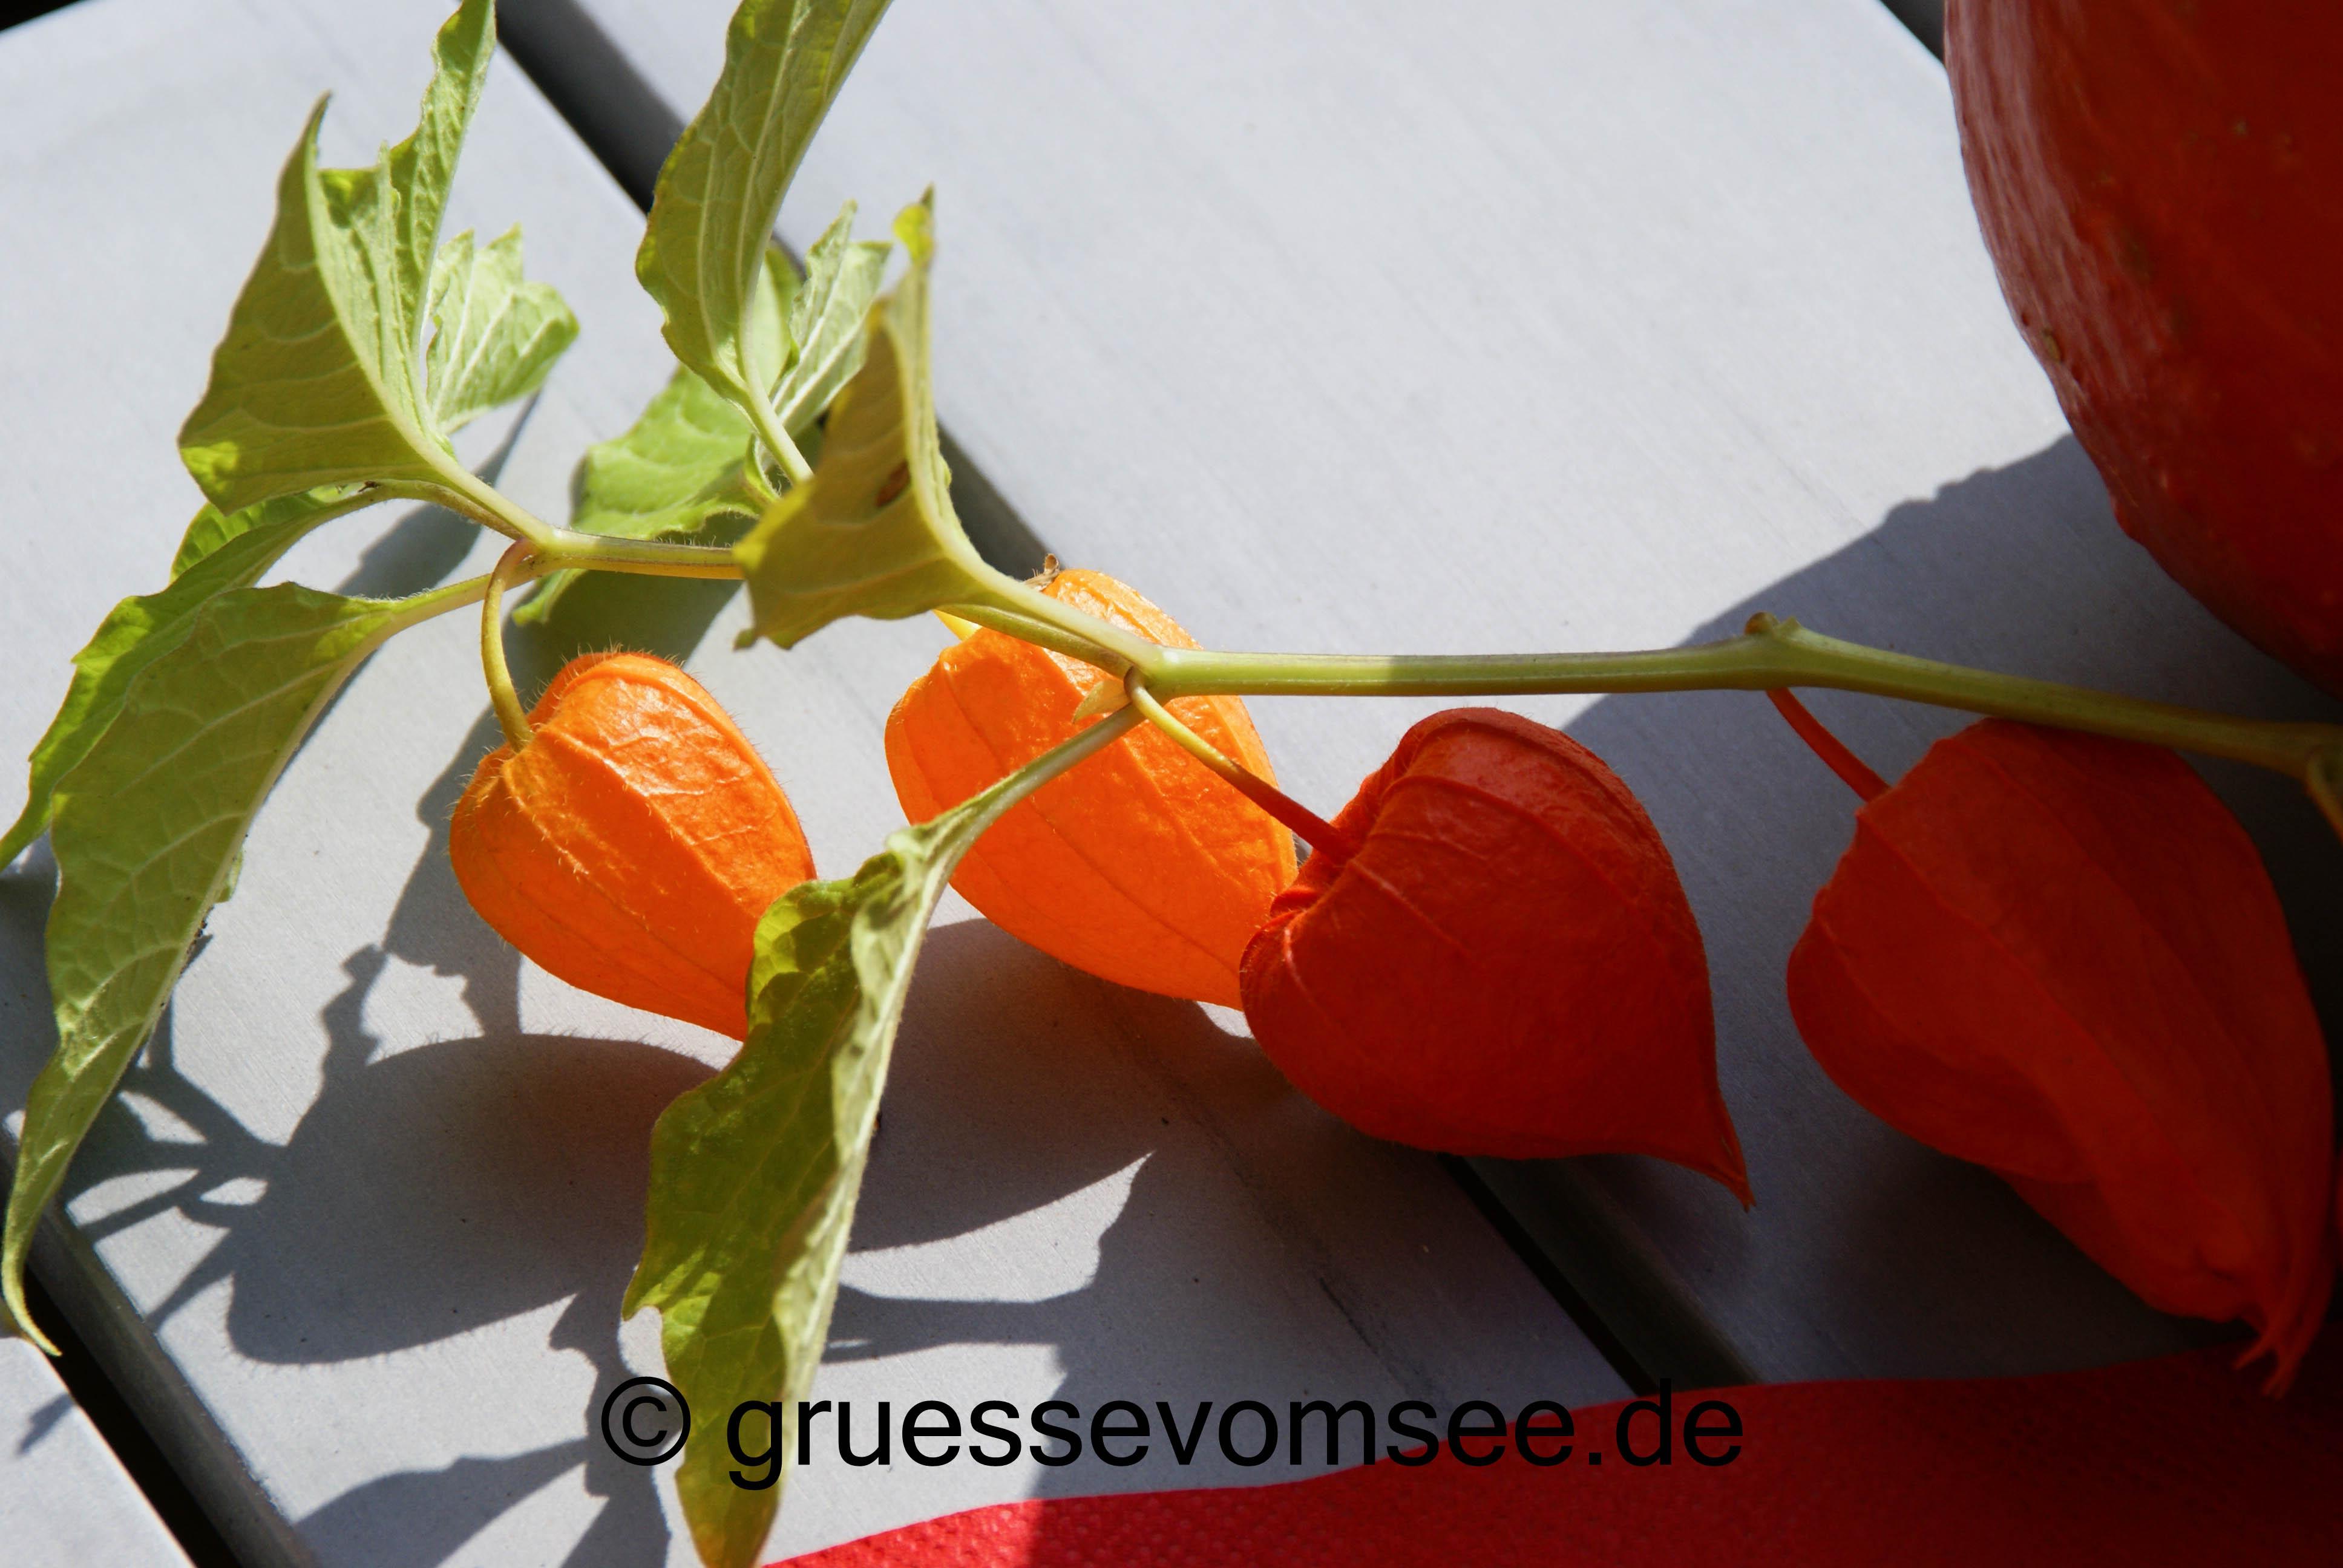 Kuerbis_Kartoffel_Hachfleisch_Auflauf_Gruessevomsee